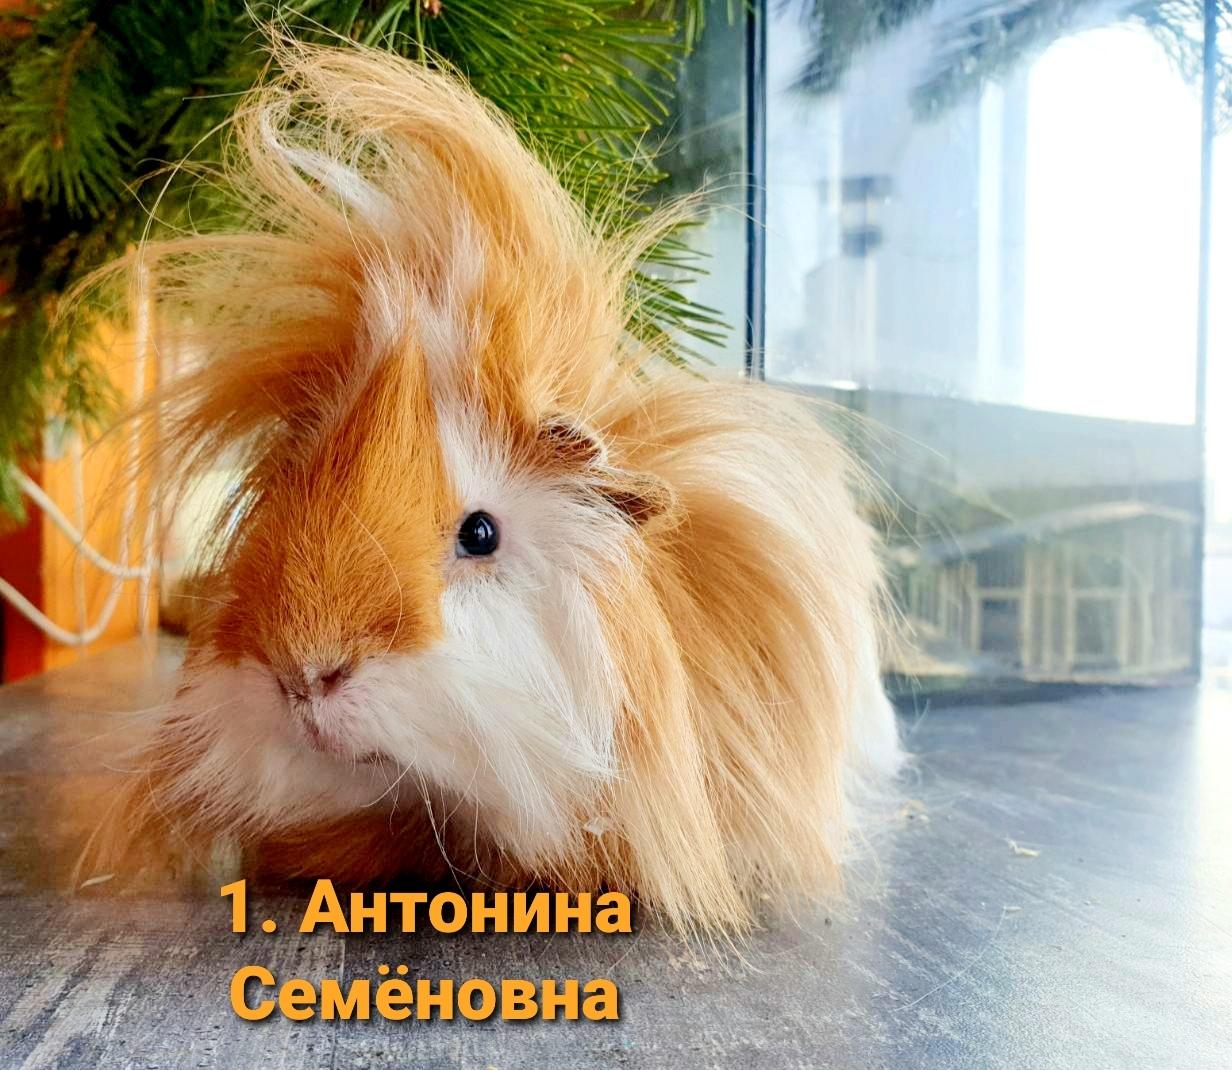 Антонина Семёновна